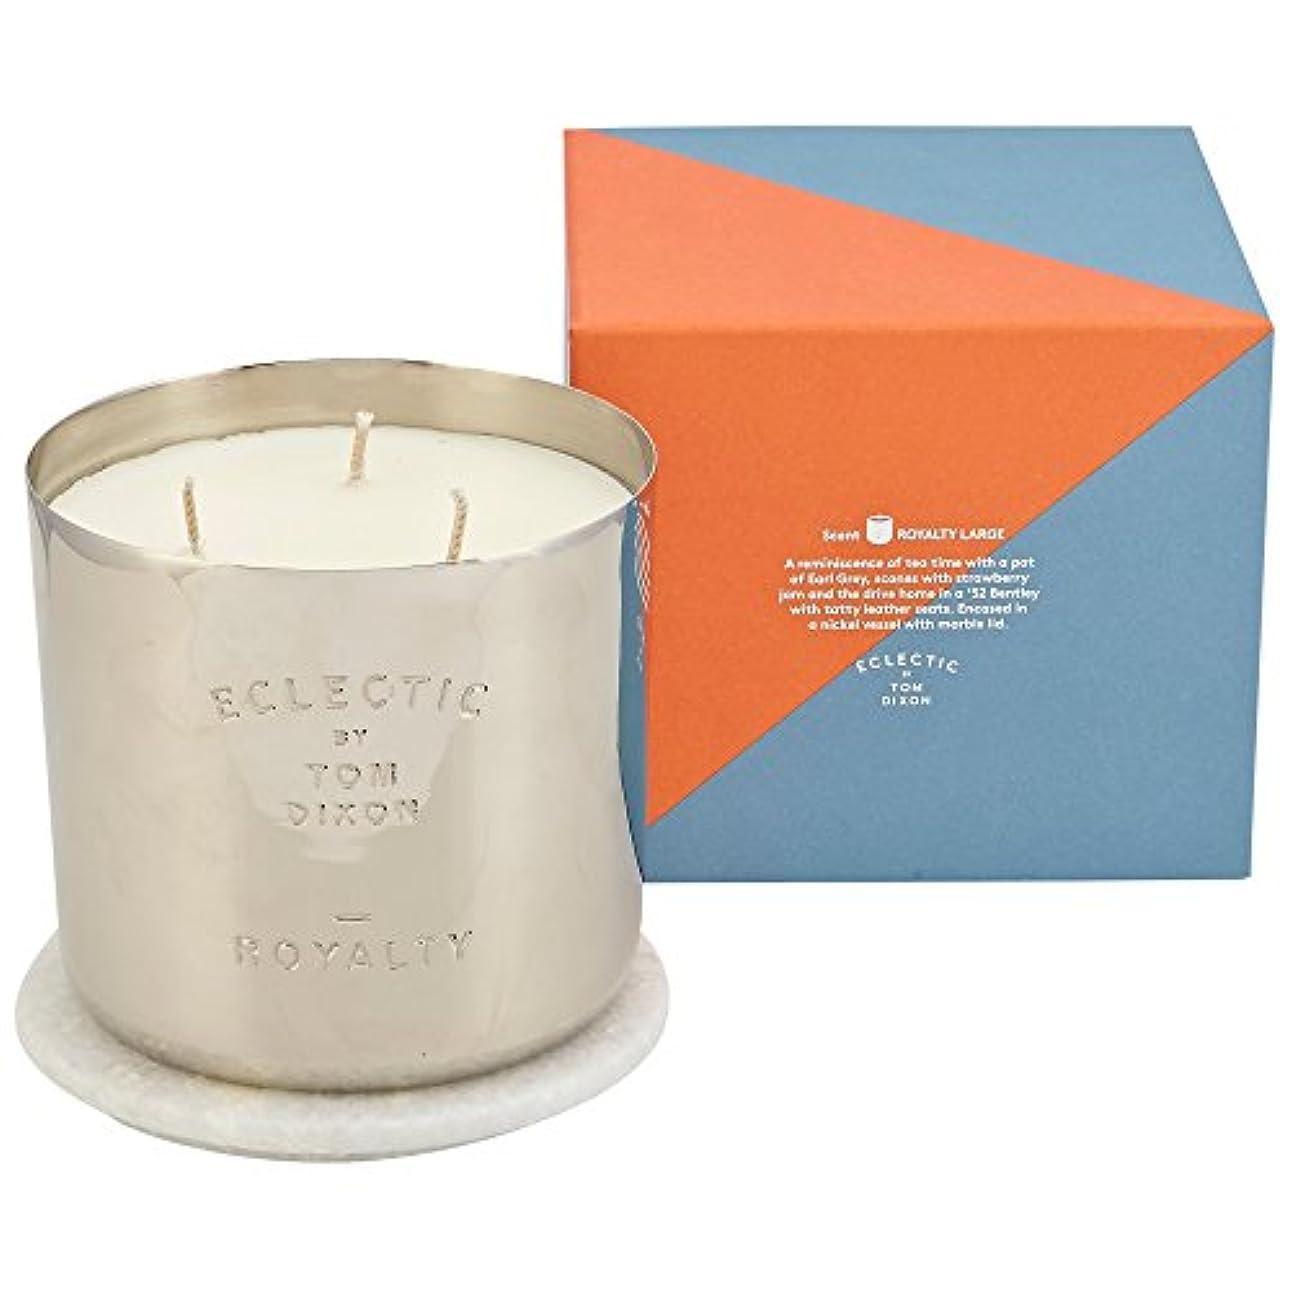 フォーマット麻酔薬くびれたトムディクソンロイヤリティ大きな香りのキャンドル x6 - Tom Dixon Royalty Scented Candle Large (Pack of 6) [並行輸入品]